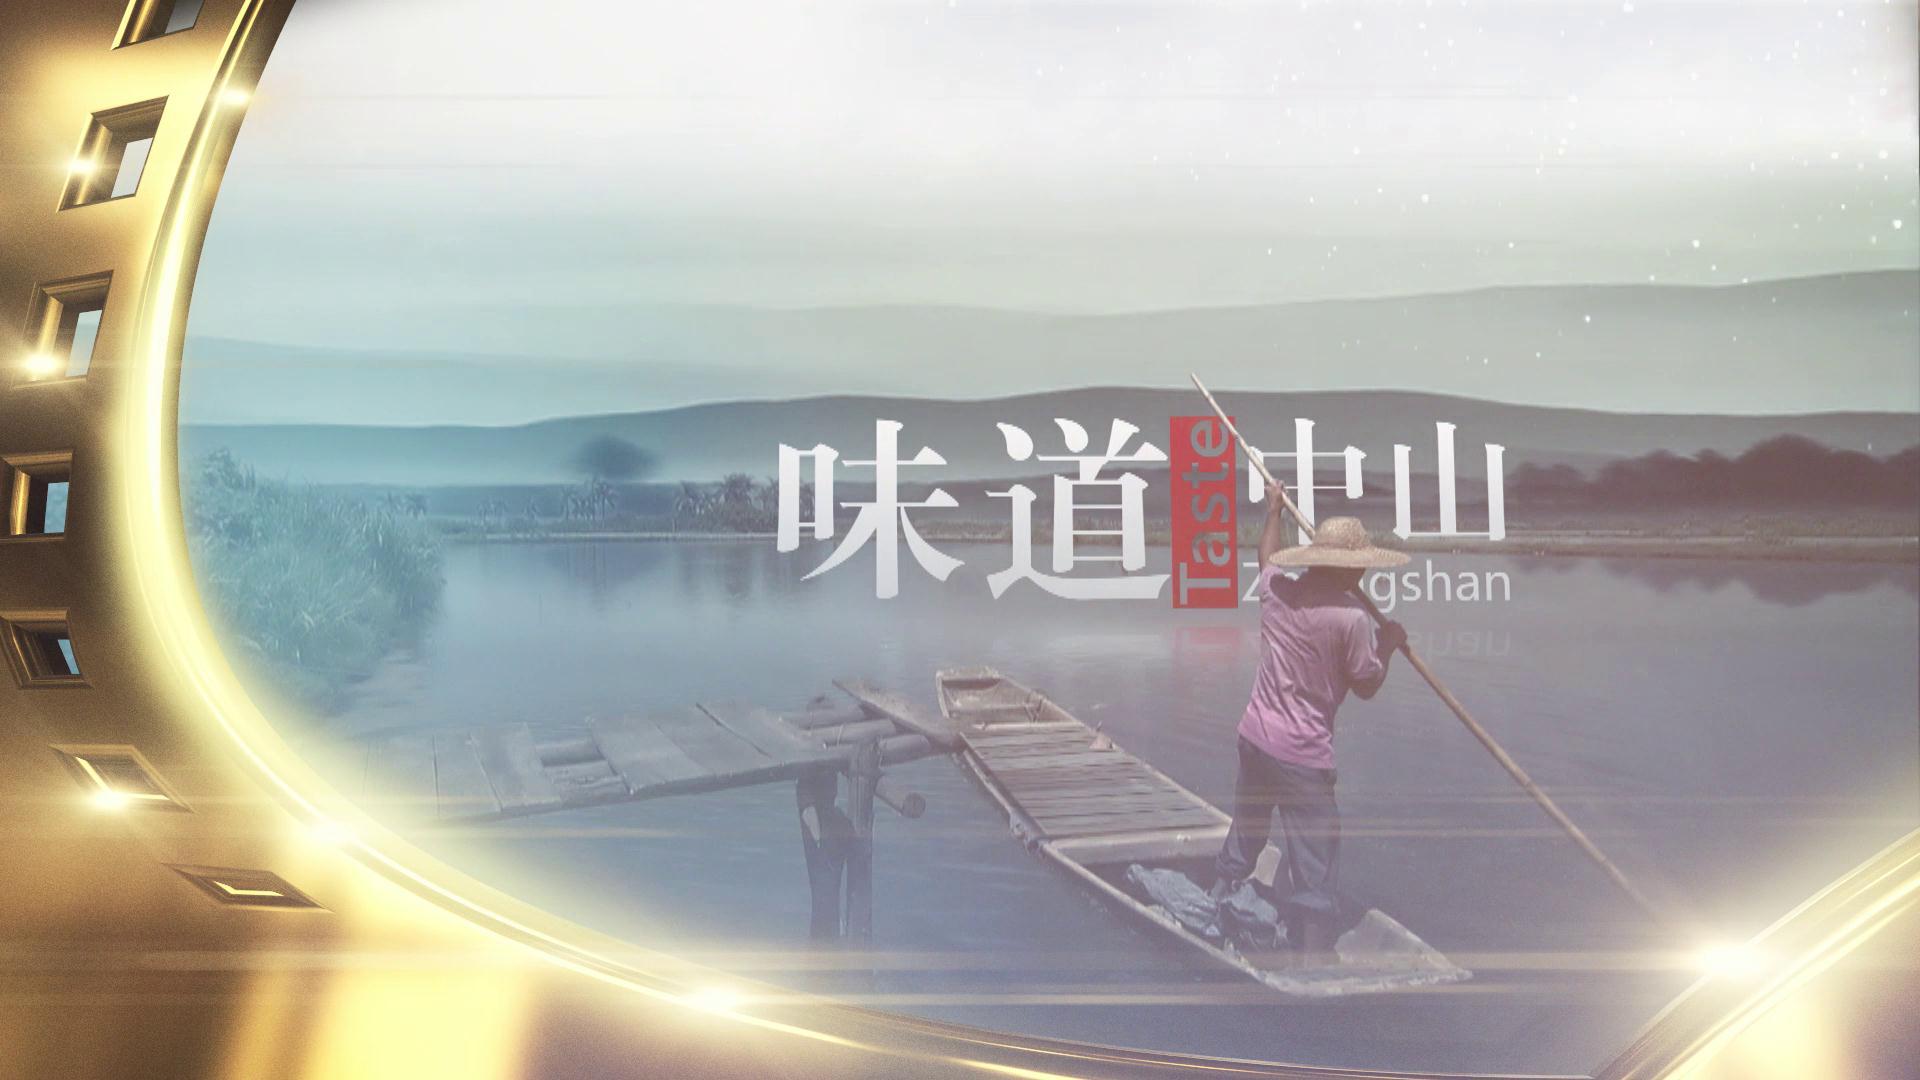 3月6日~11日《味道中山》电影版